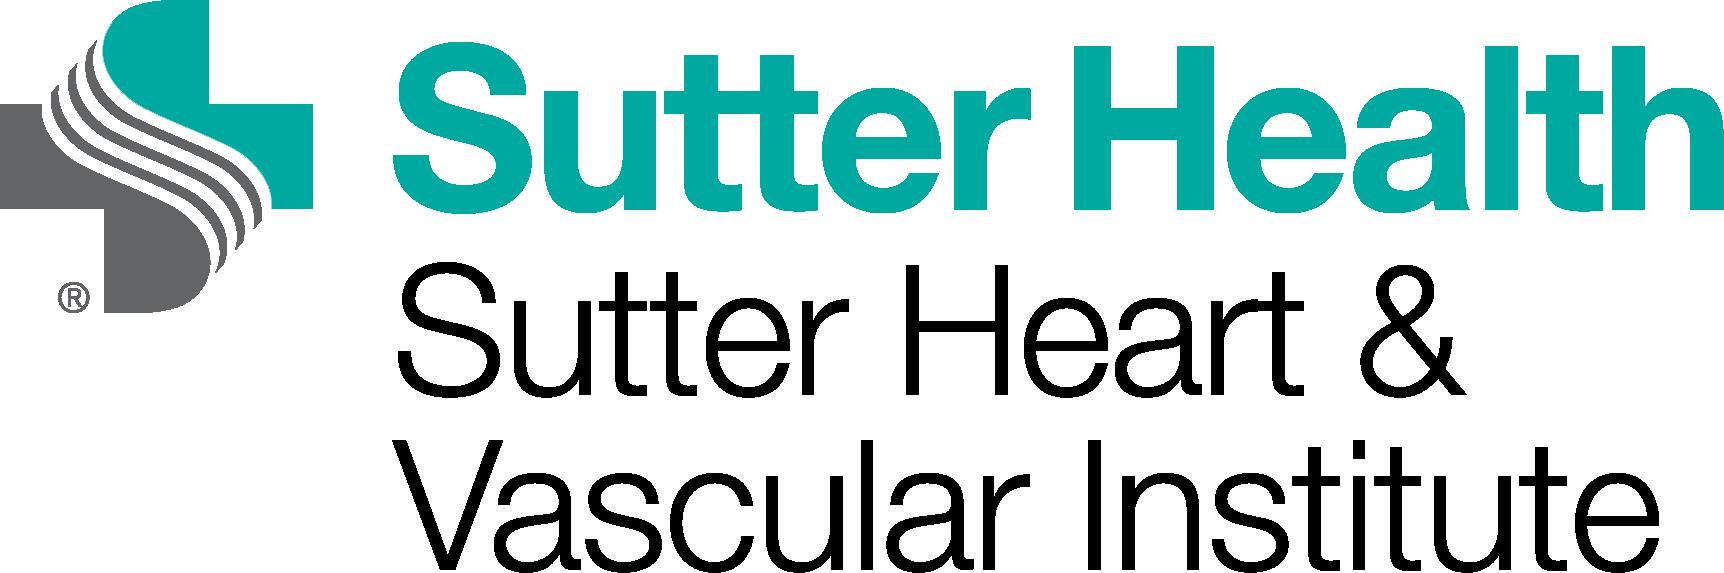 Sutter Heart & Vascular Institute Logo